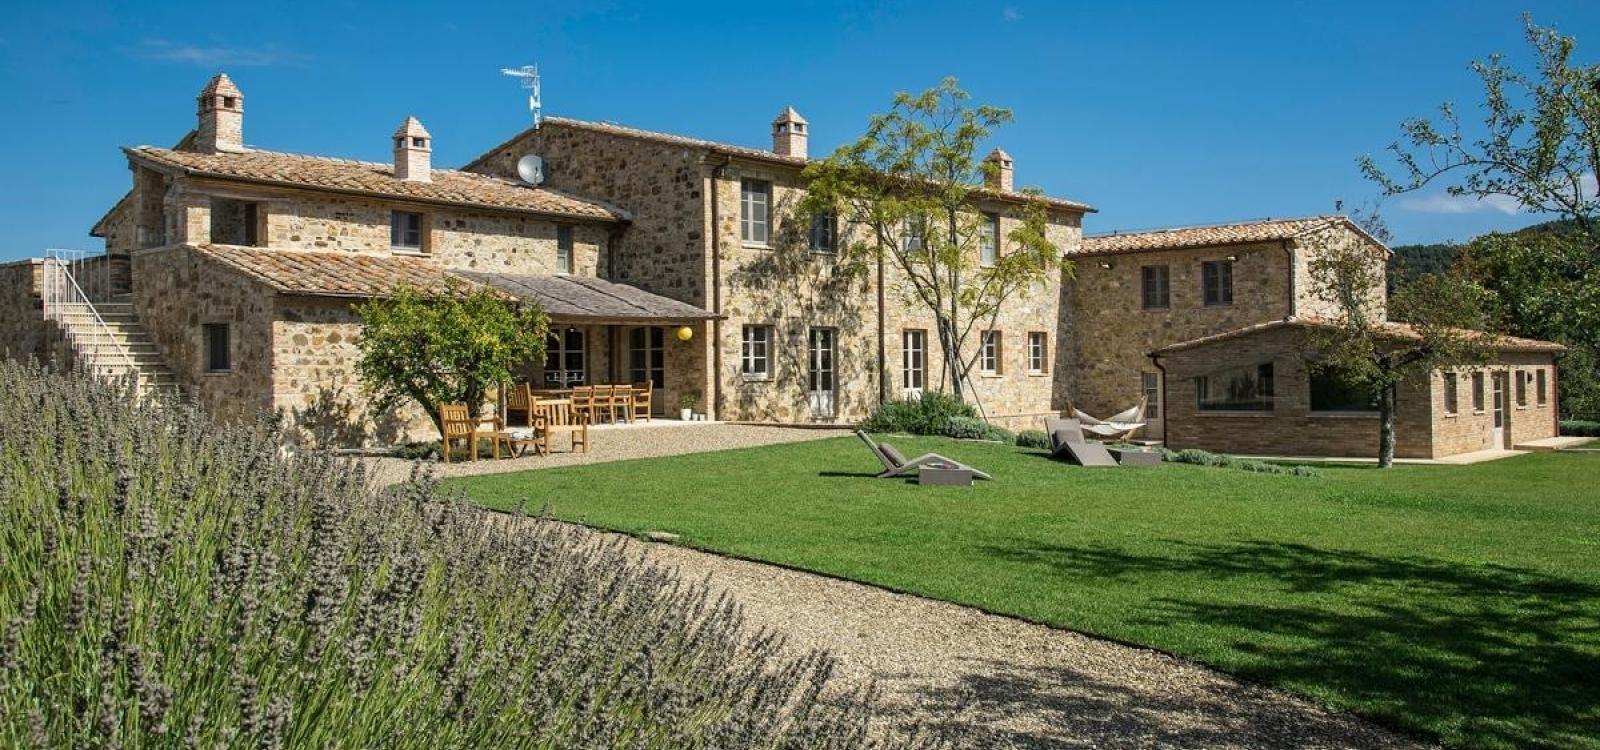 Luxury vacation rentals europe - Italy - Tuscany - San casciano dei bagni - Poderosa - Image 1/51